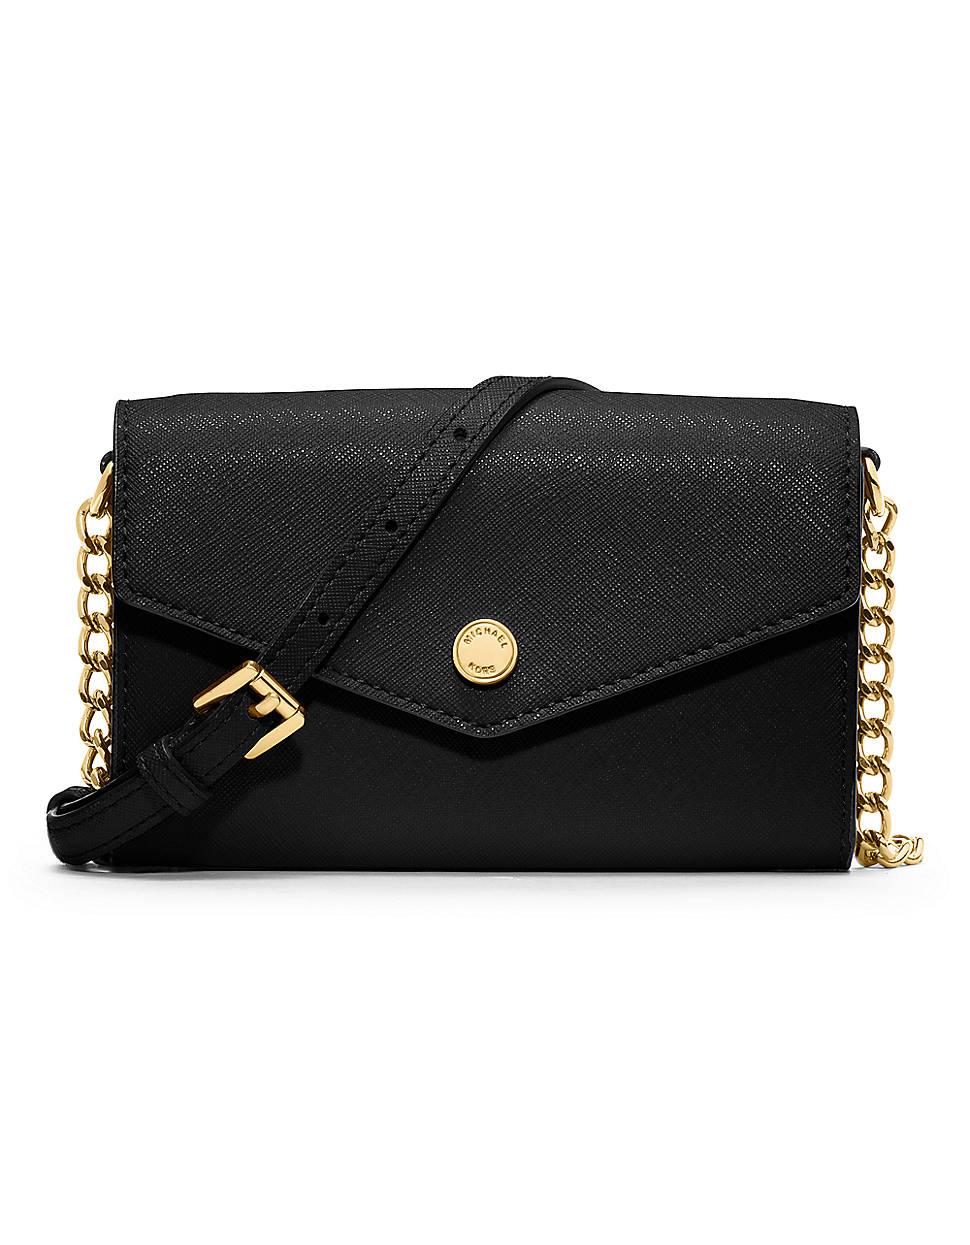 534d79706a9d Michael Kors Faux Handbags - cheap watches mgc-gas.com